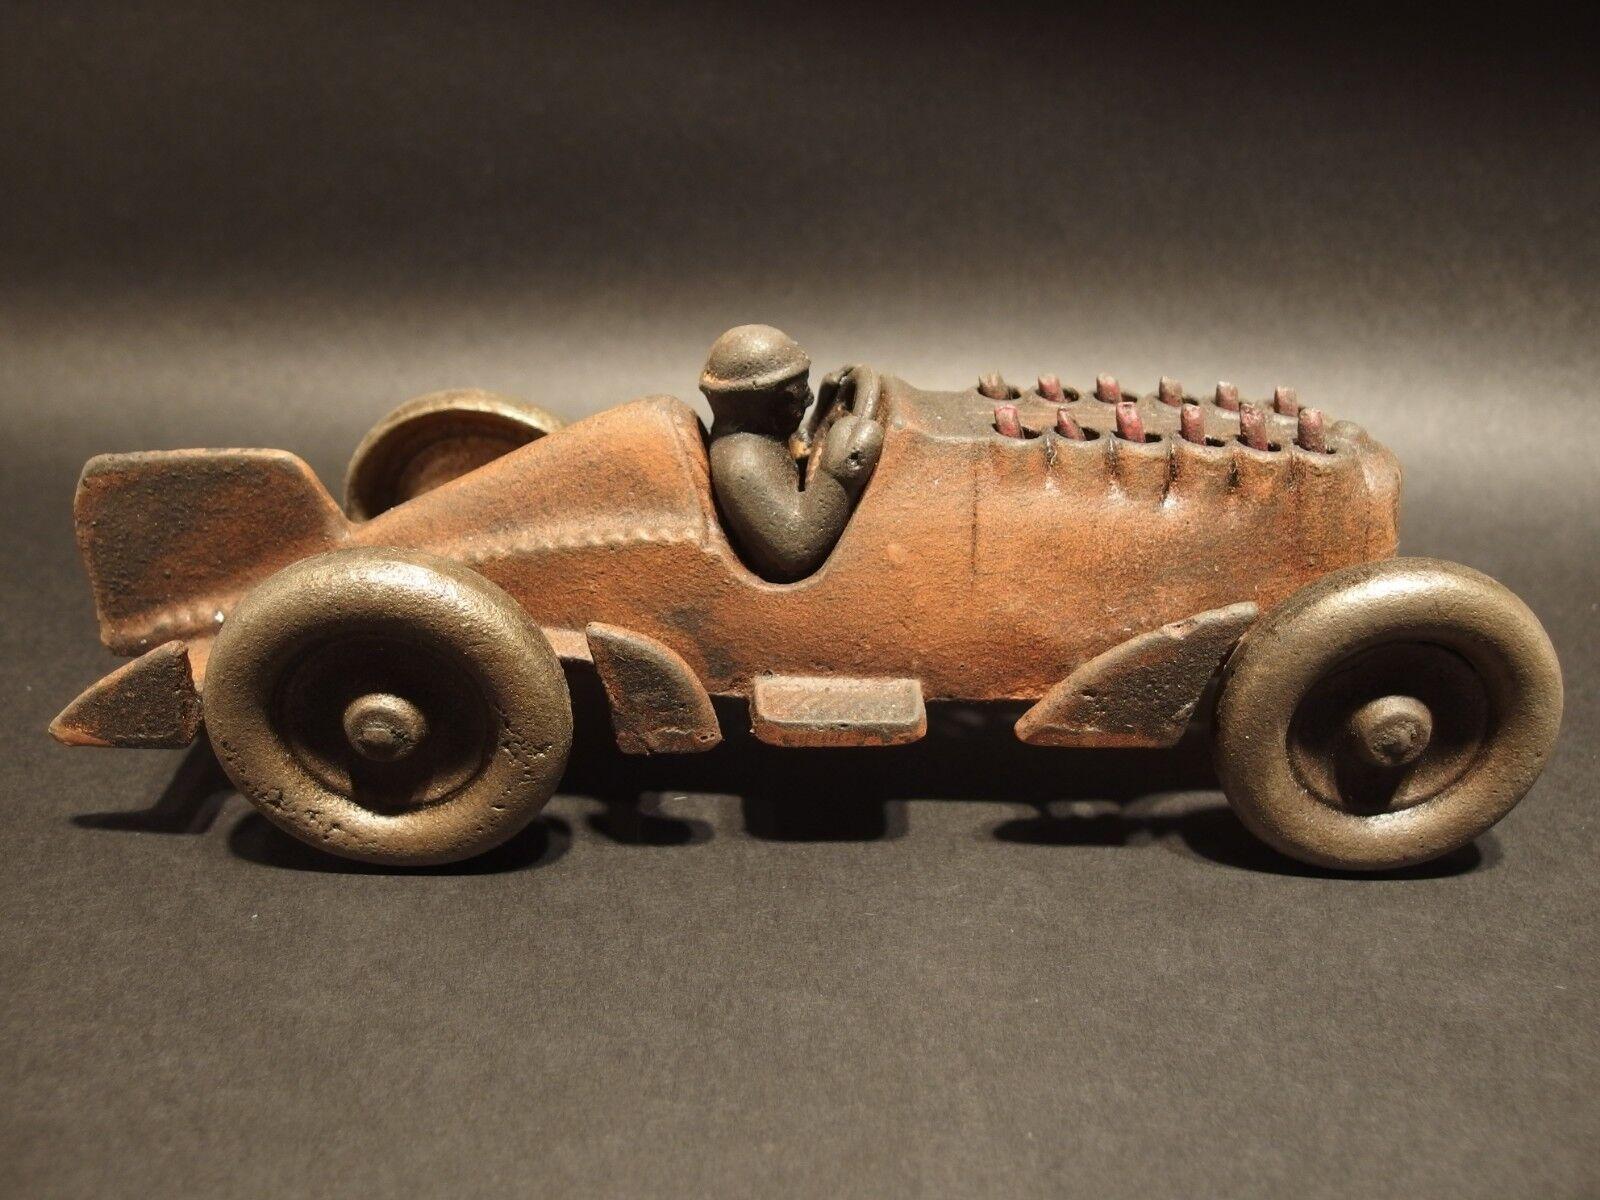 Estilo Vintage Antiguo Hierro Fundido Juguete Race Car con pistones móviles  Hubley